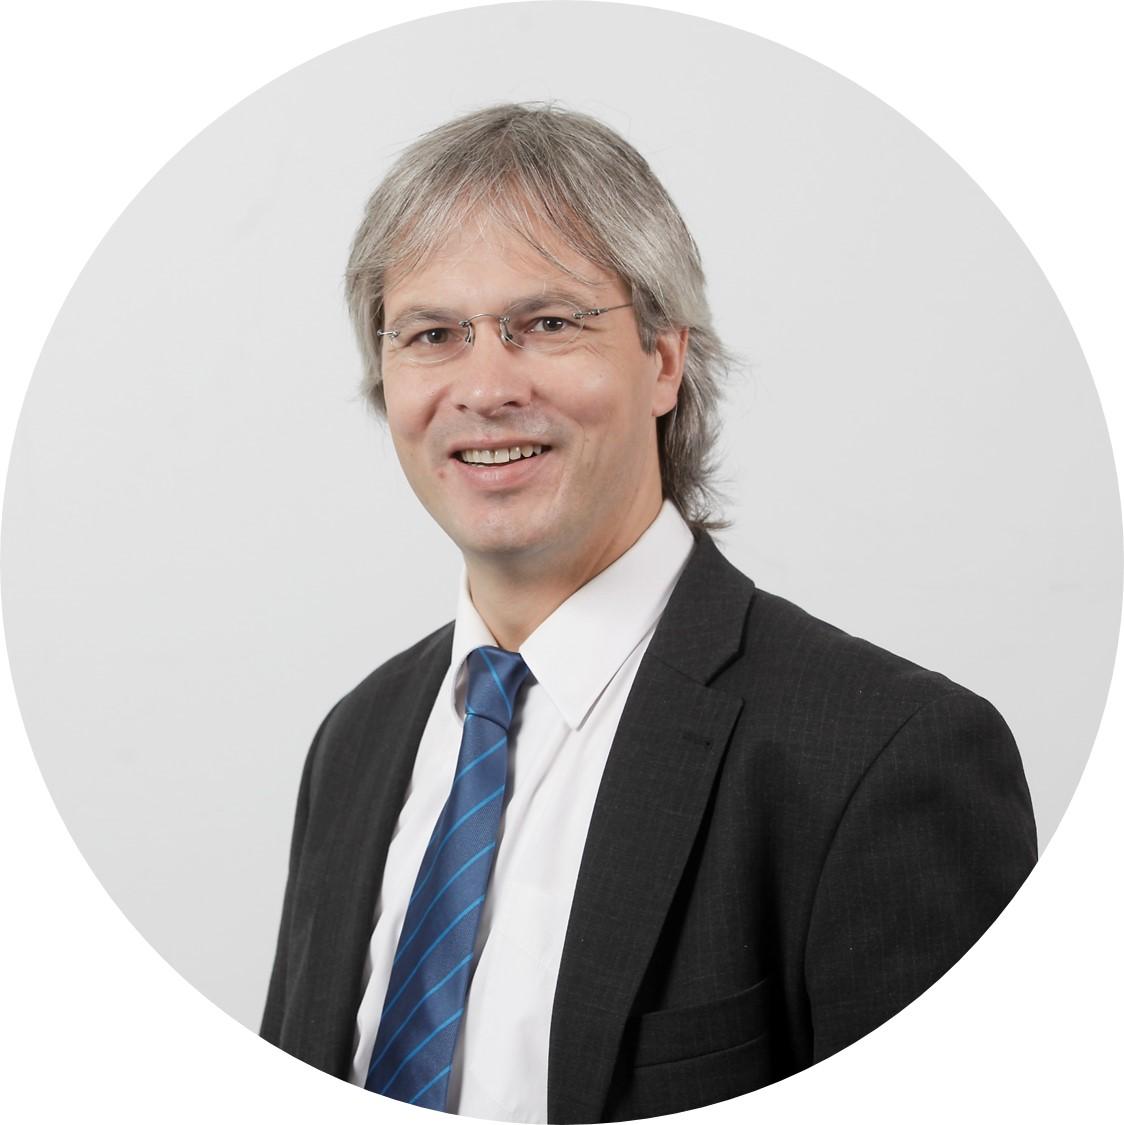 Zu sehen ist das Profilbild von Prof. Dr. Wolfgang Irrek.